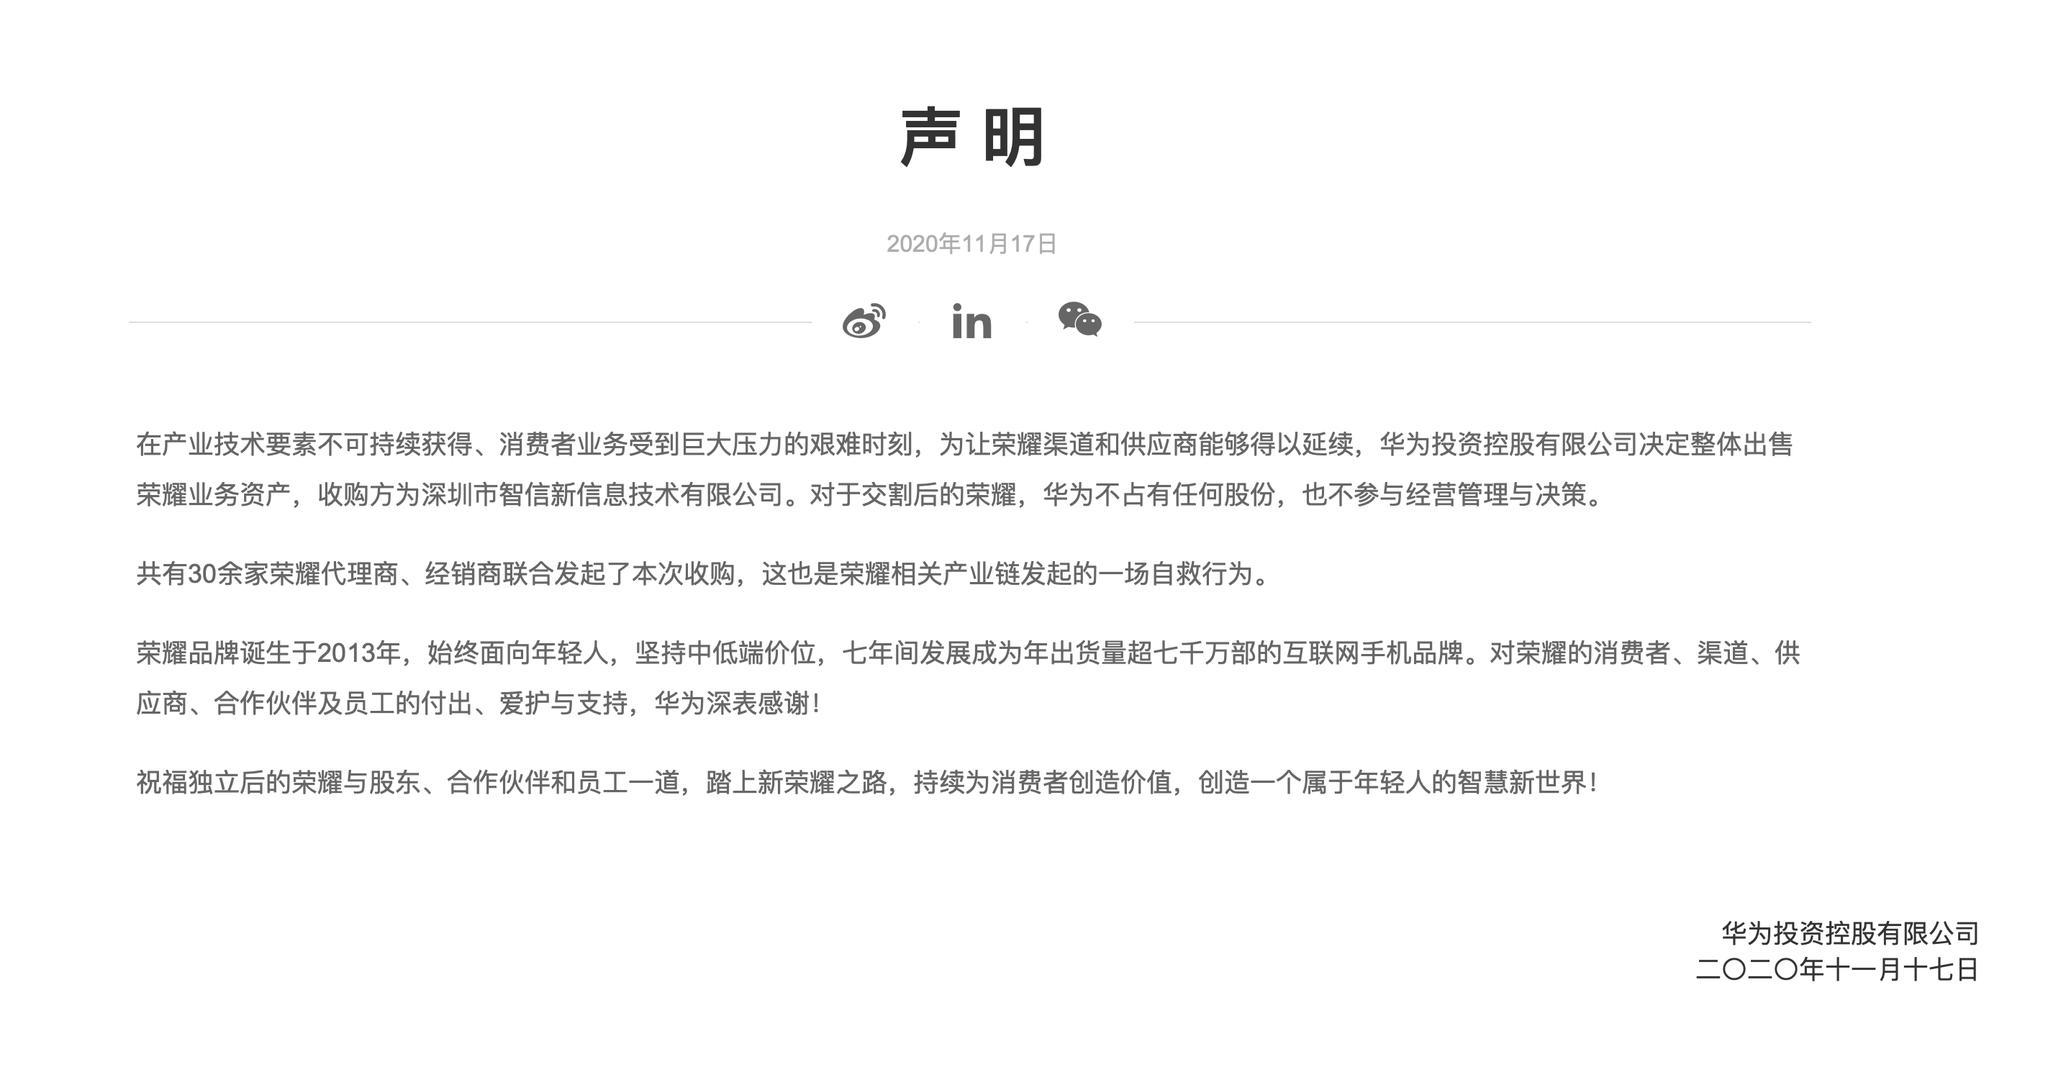 华为声明感谢与祝福:整体出售荣耀业务,艰难时刻产业链自救